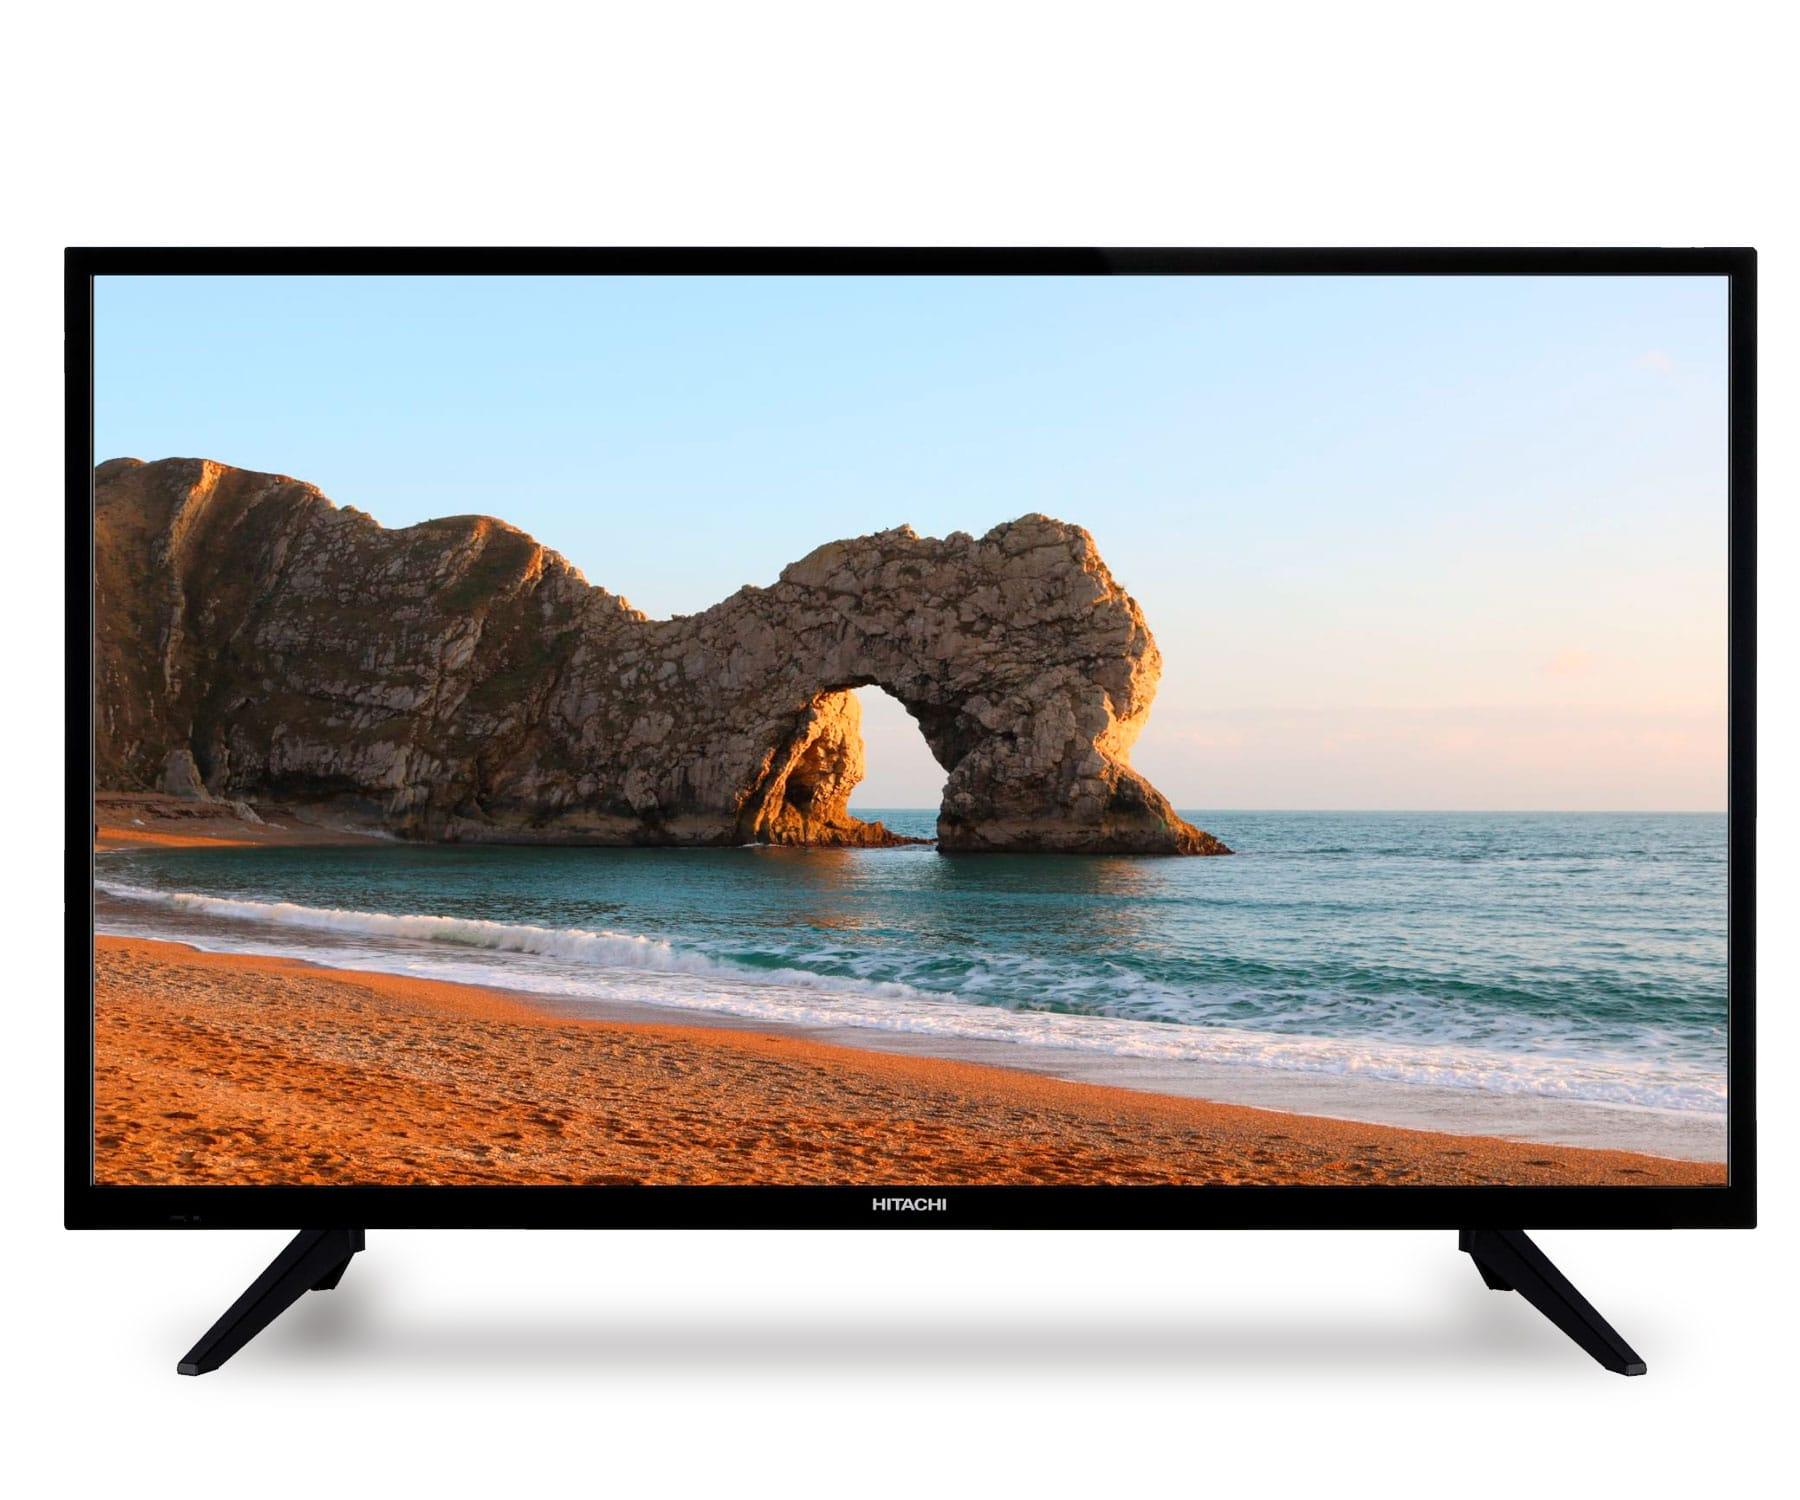 Hitachi 39HE2200 Tv 39''/HD/Smart TV/WiFi/HDMI/USB